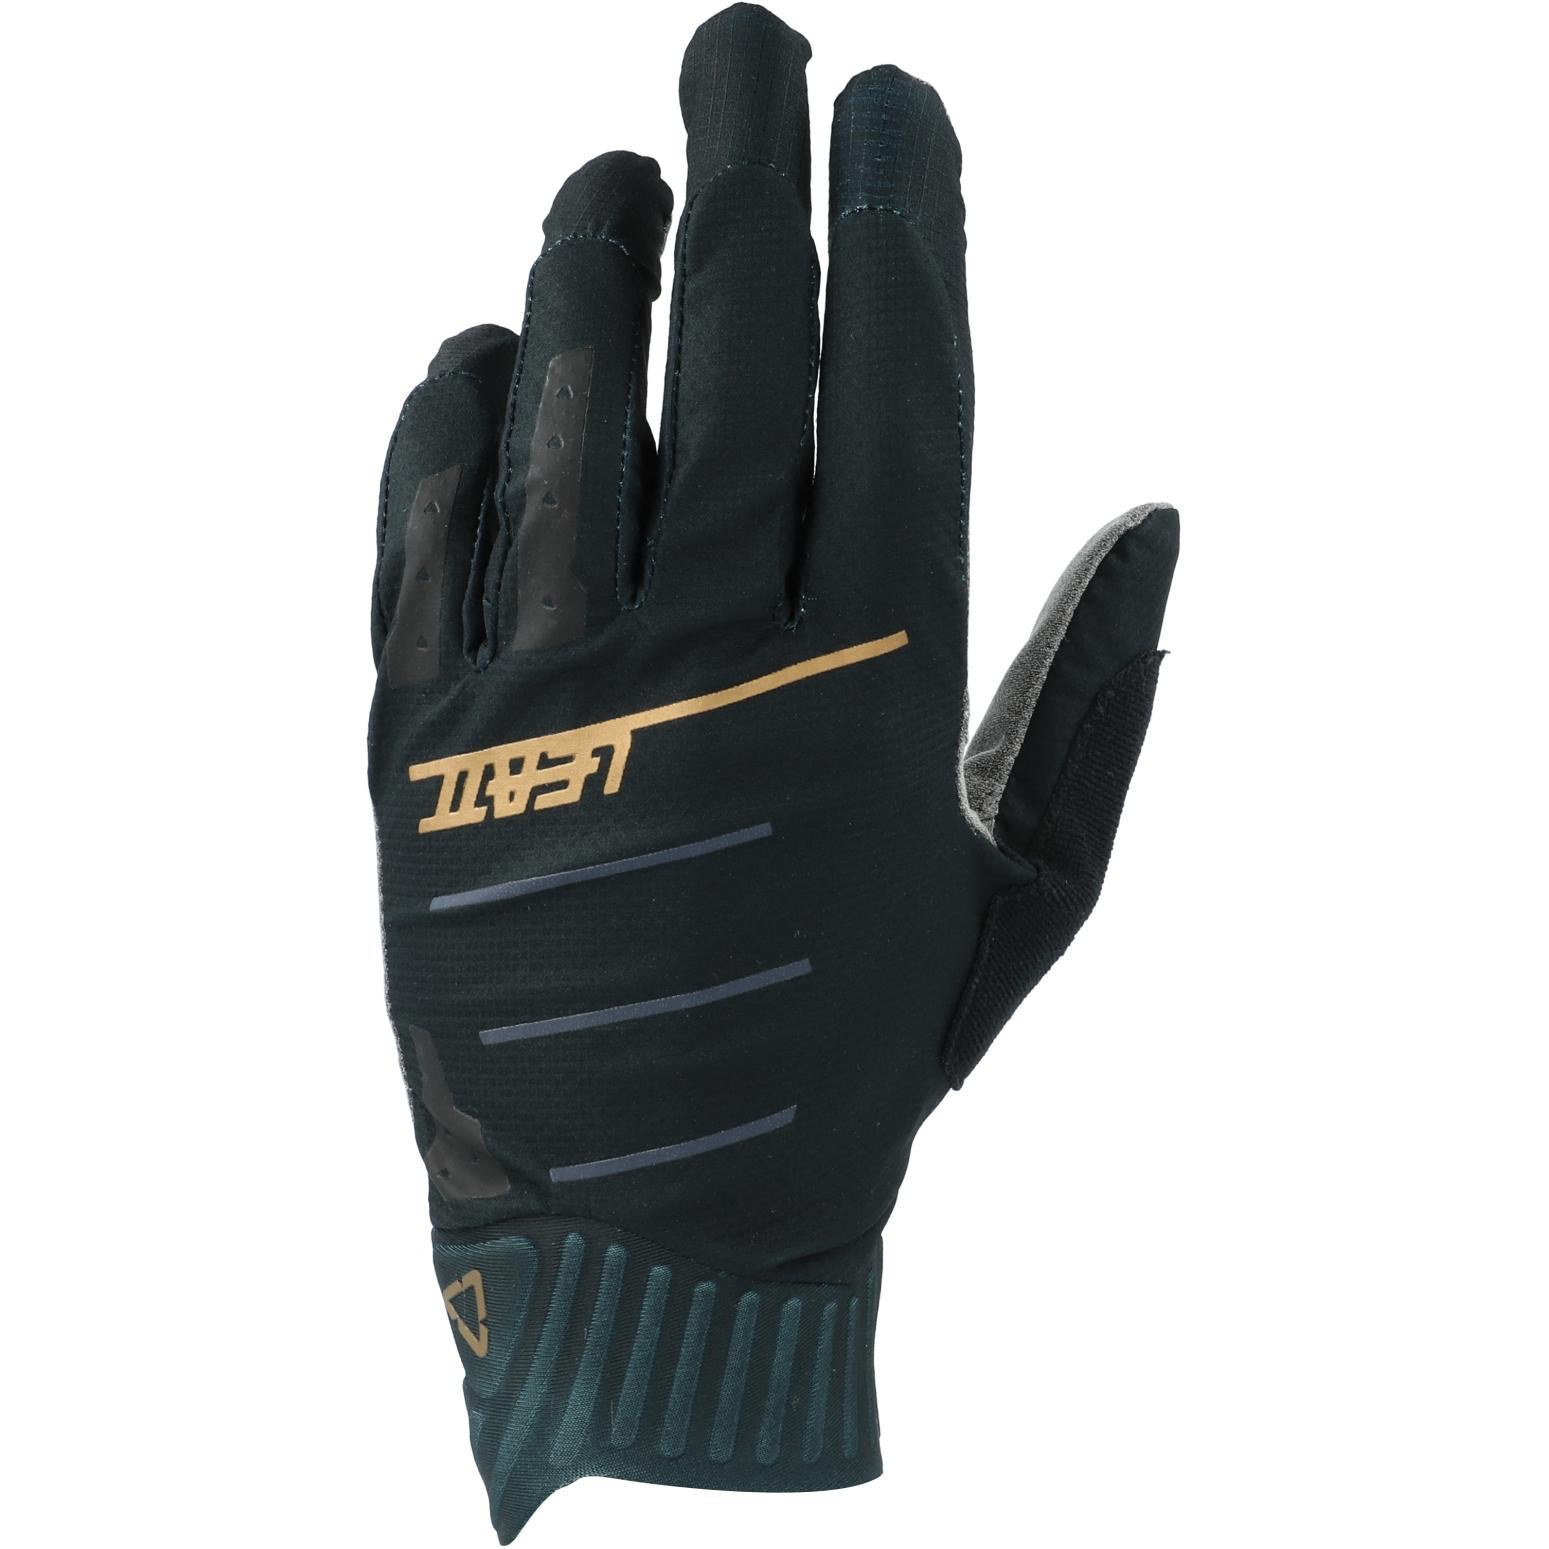 Leatt Glove DBX 2.0 Windblock - black